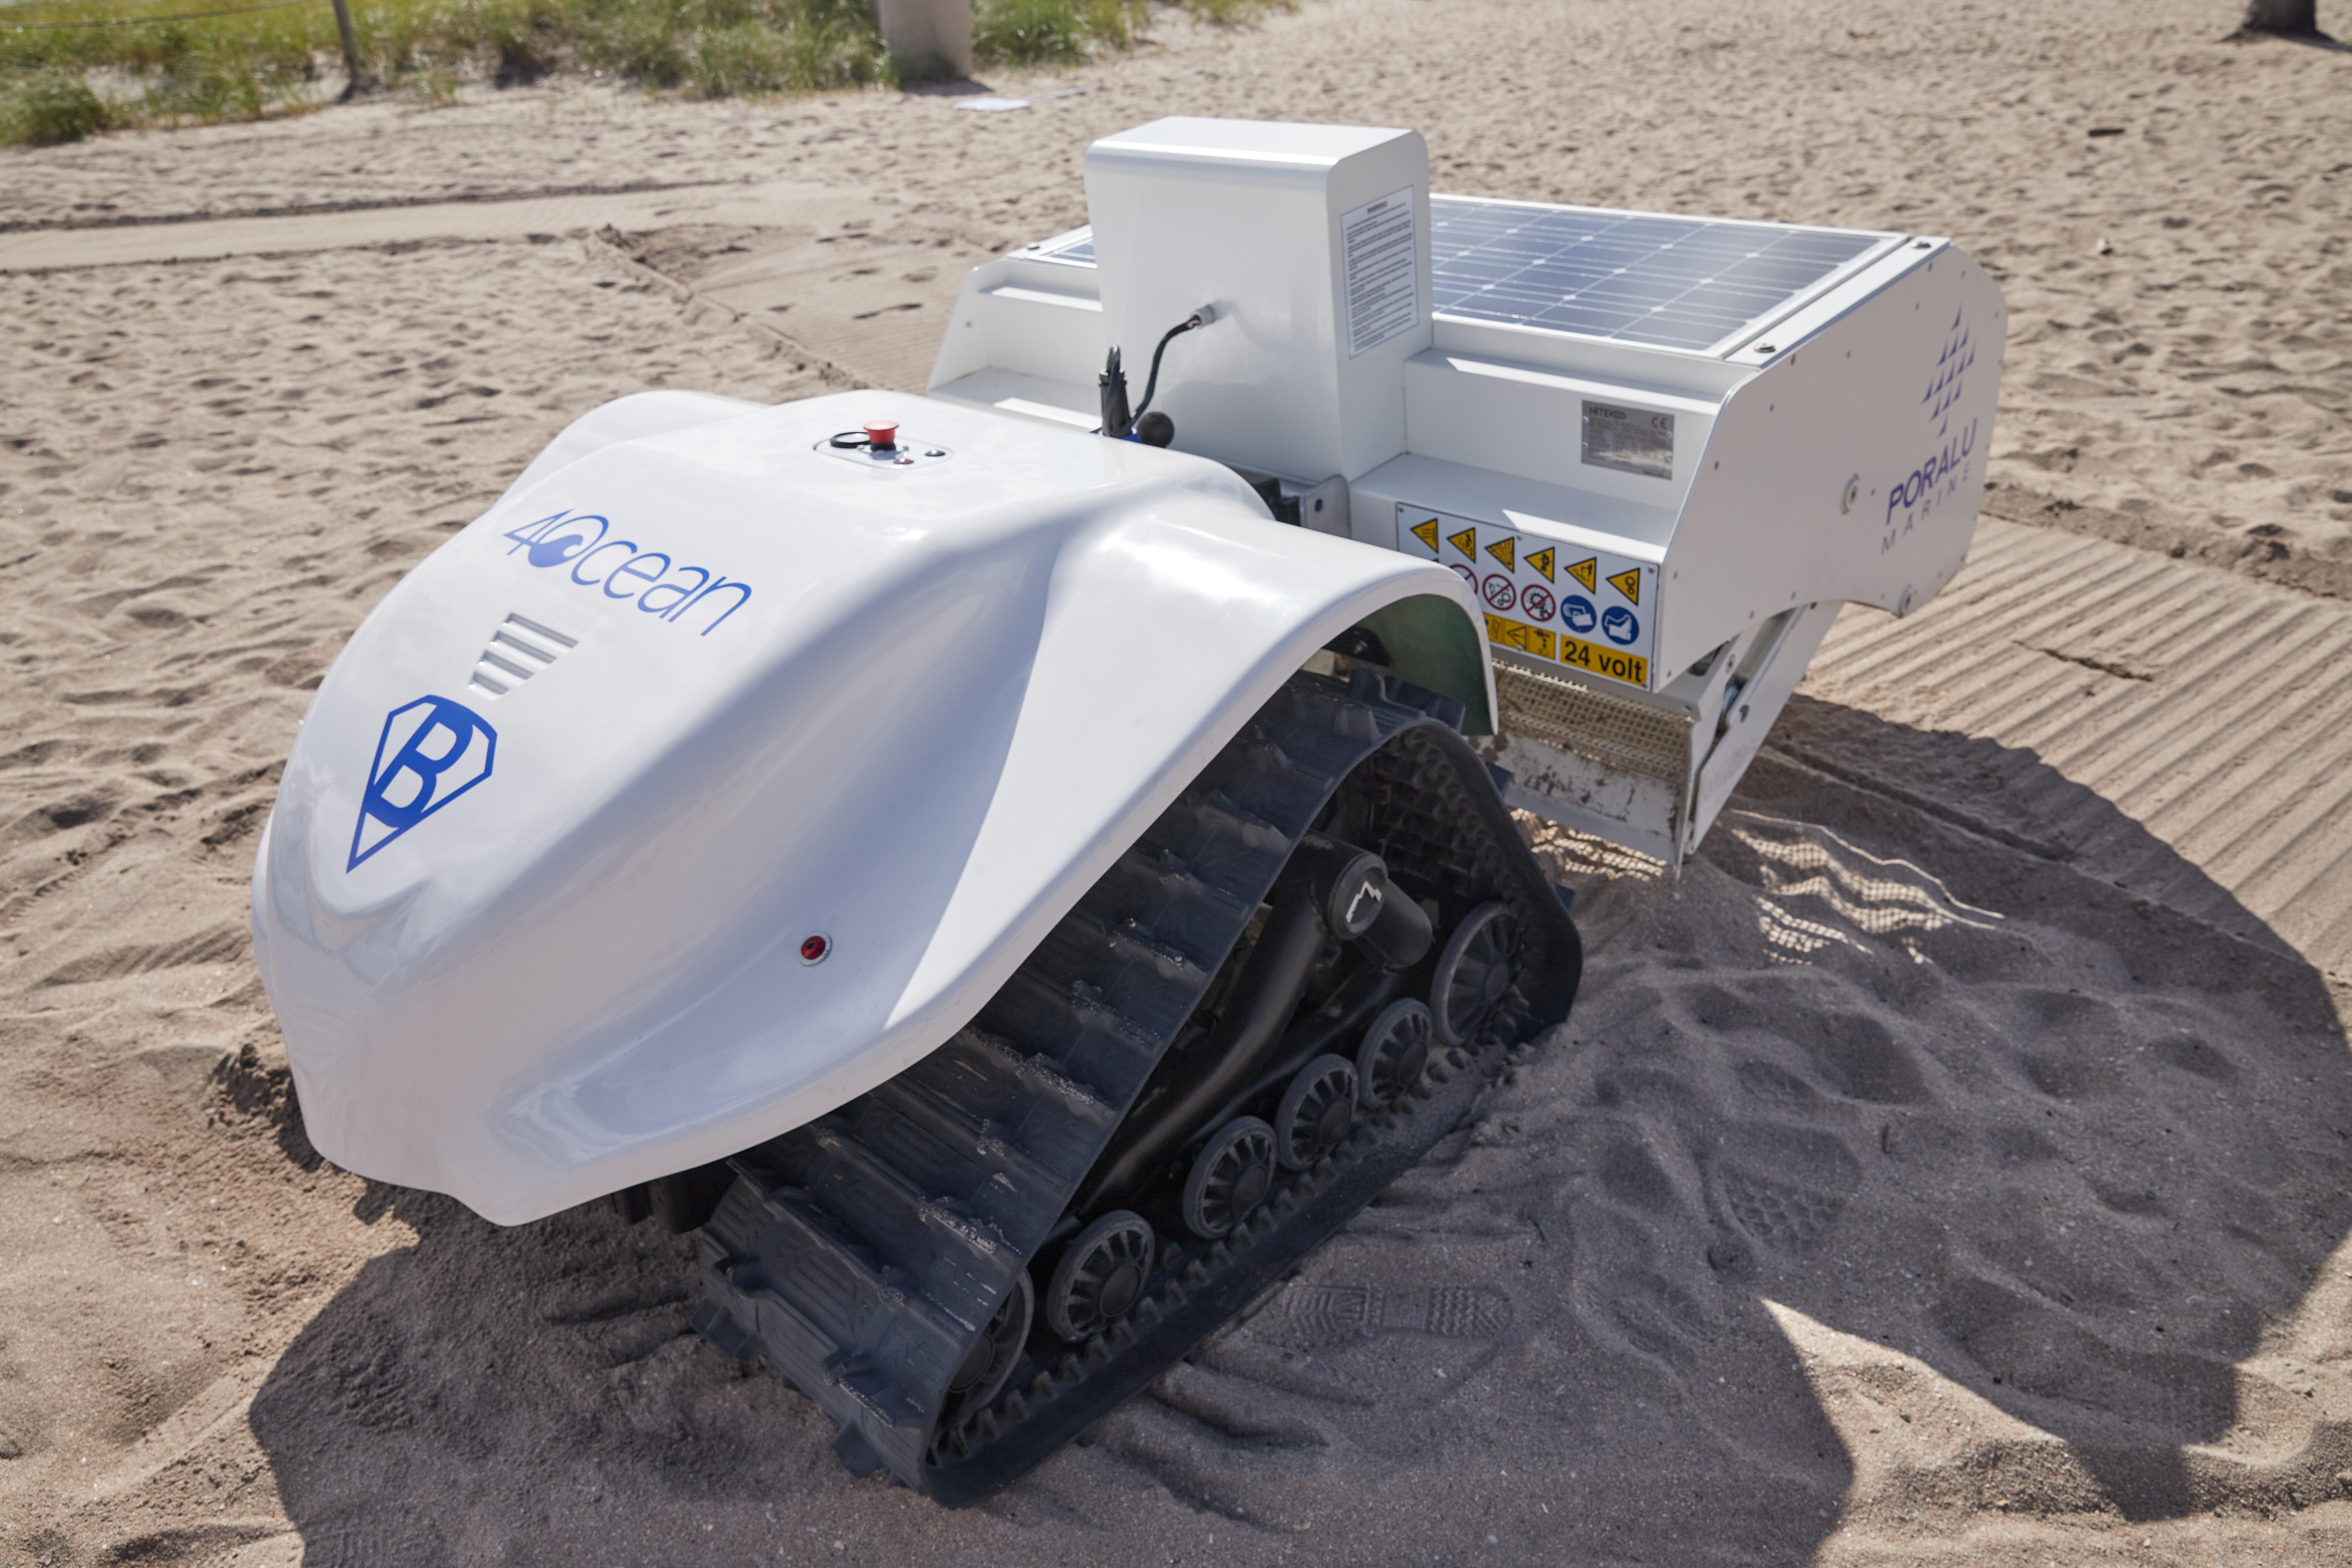 Schone stranden met hulp van robot BeBot